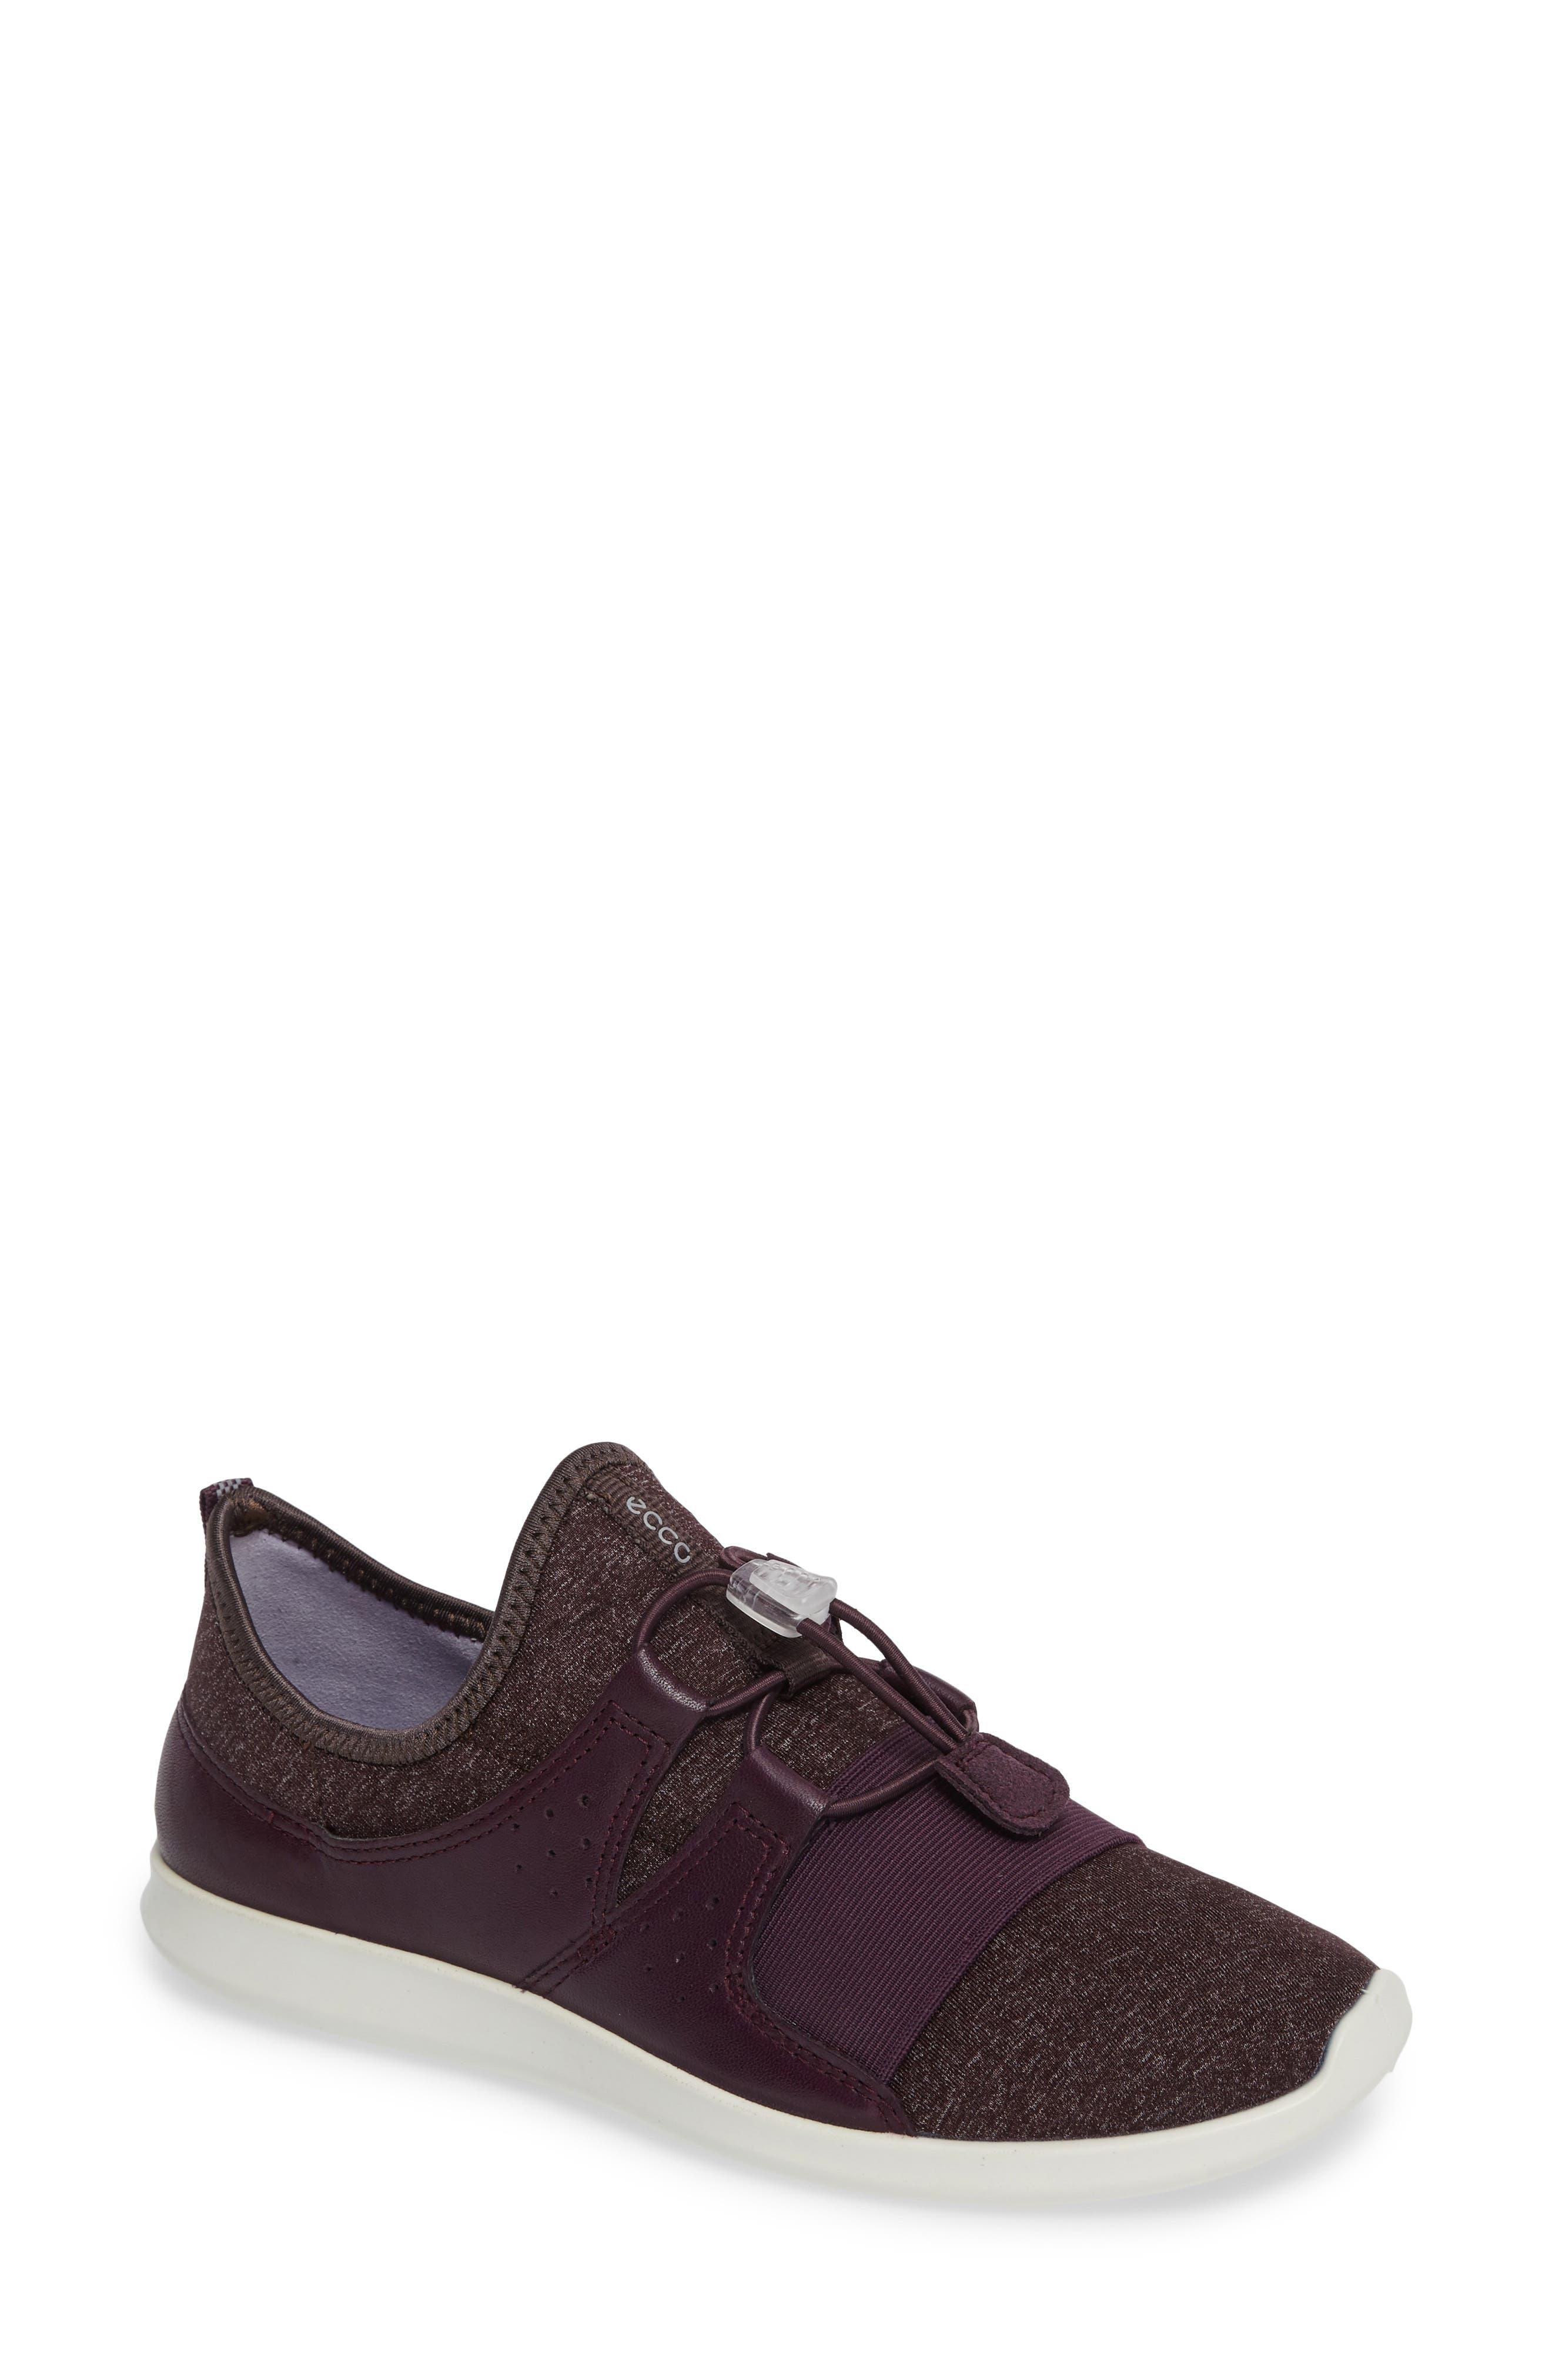 Sense Toggle Sneaker,                         Main,                         color, Mauve Leather